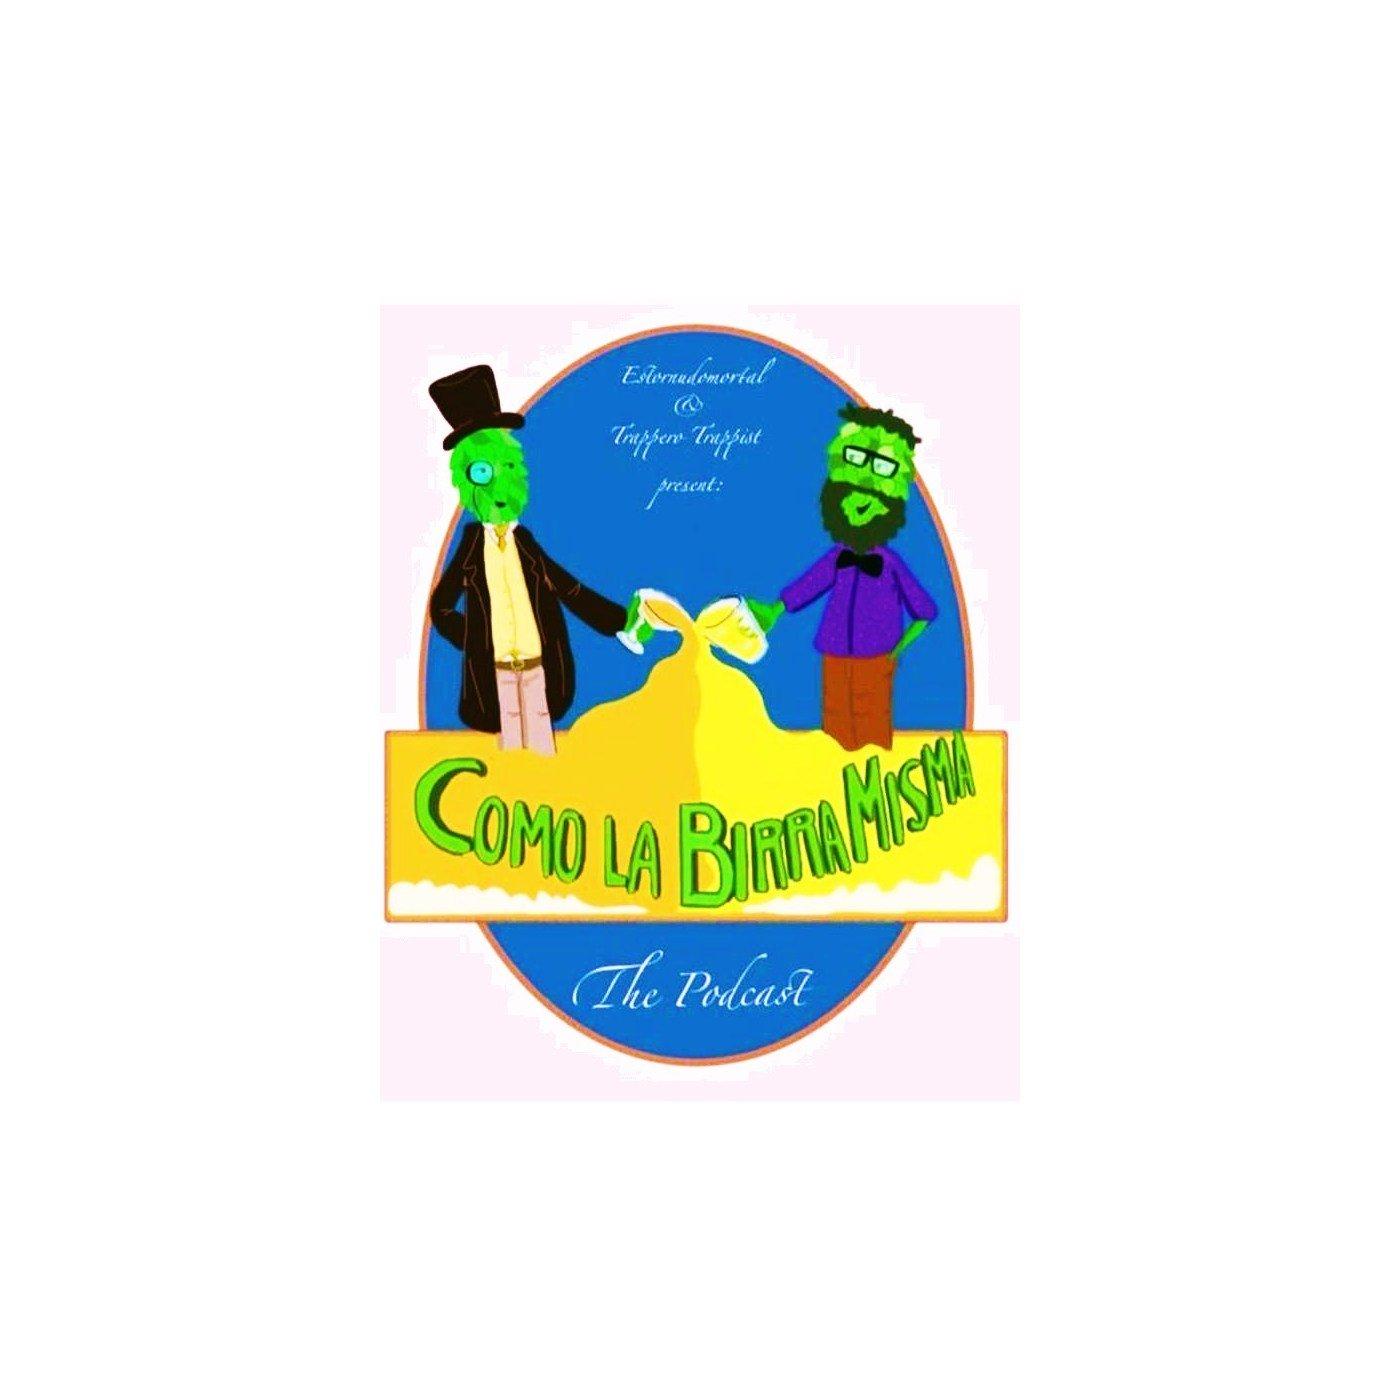 Logo de Como la birra misma